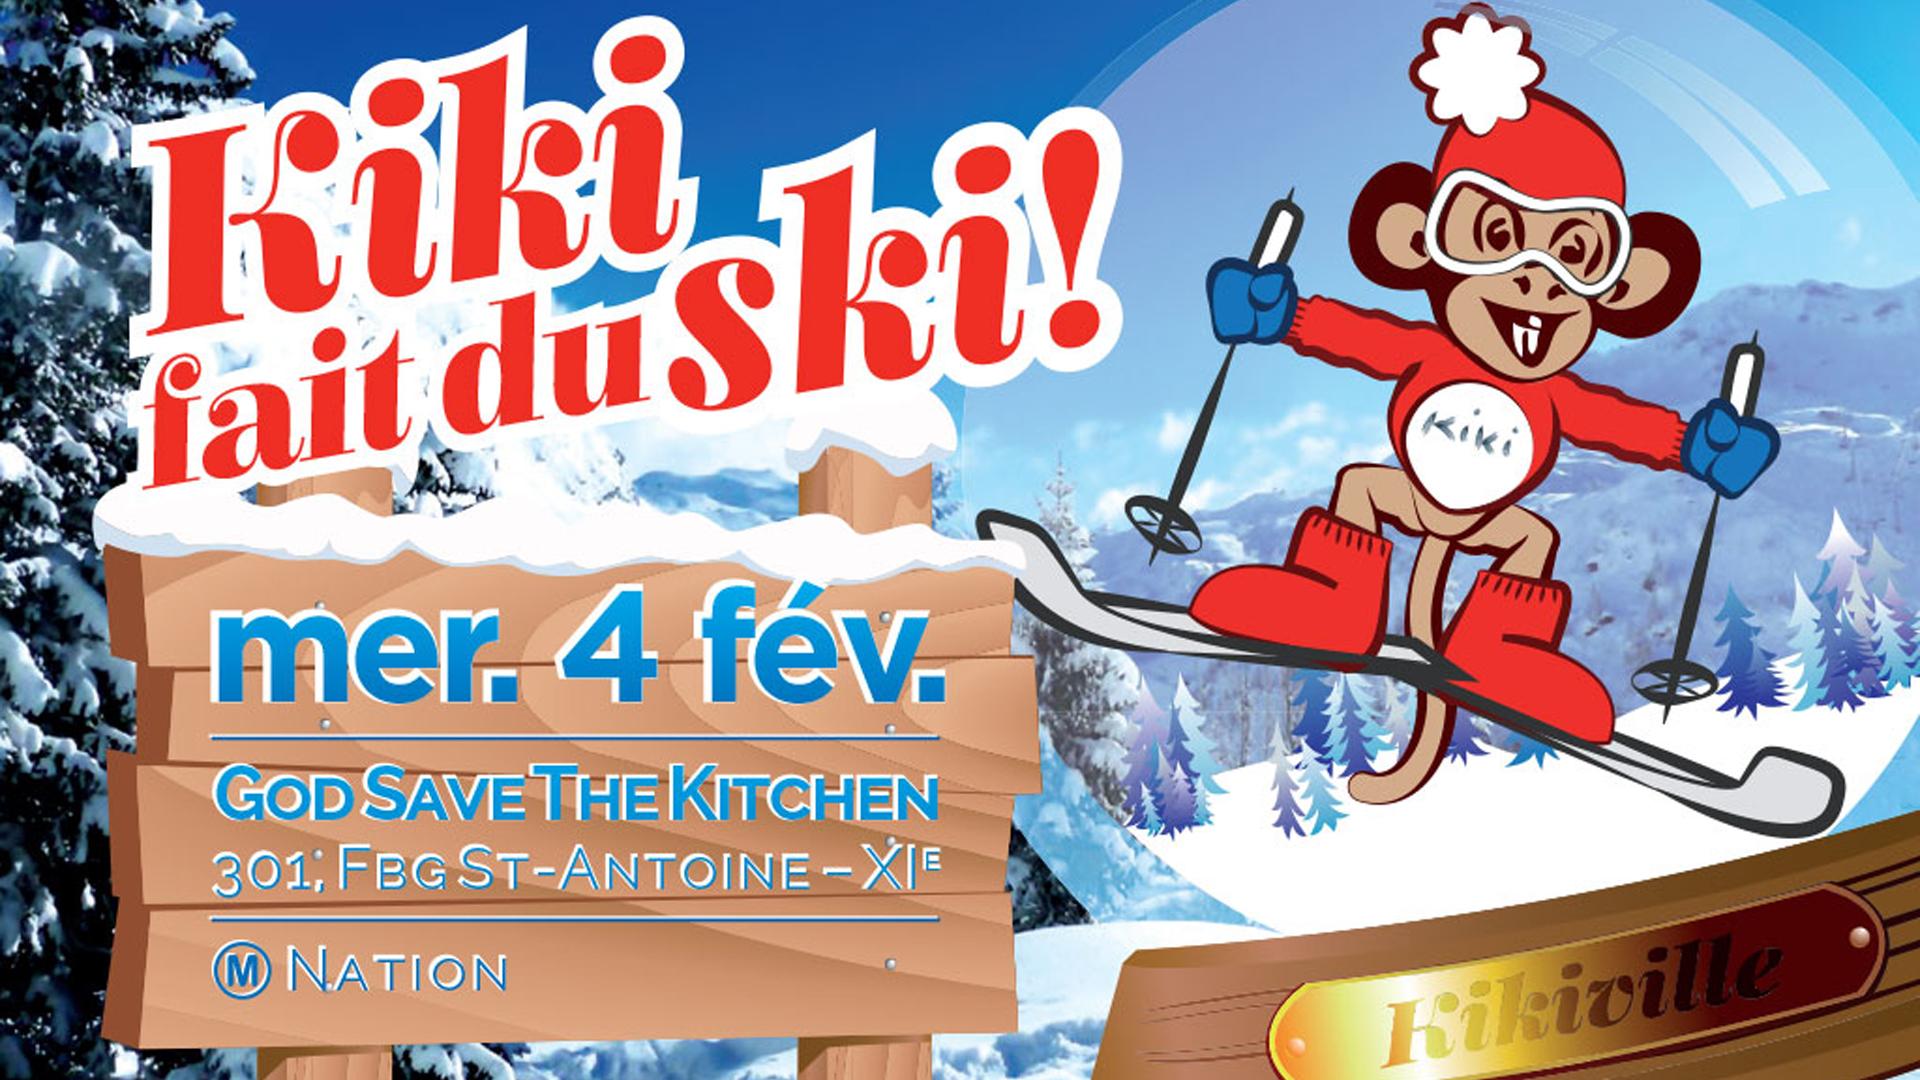 L'AFTERWORK DE KIKI – Kiki fait du ski - Kiki Factory